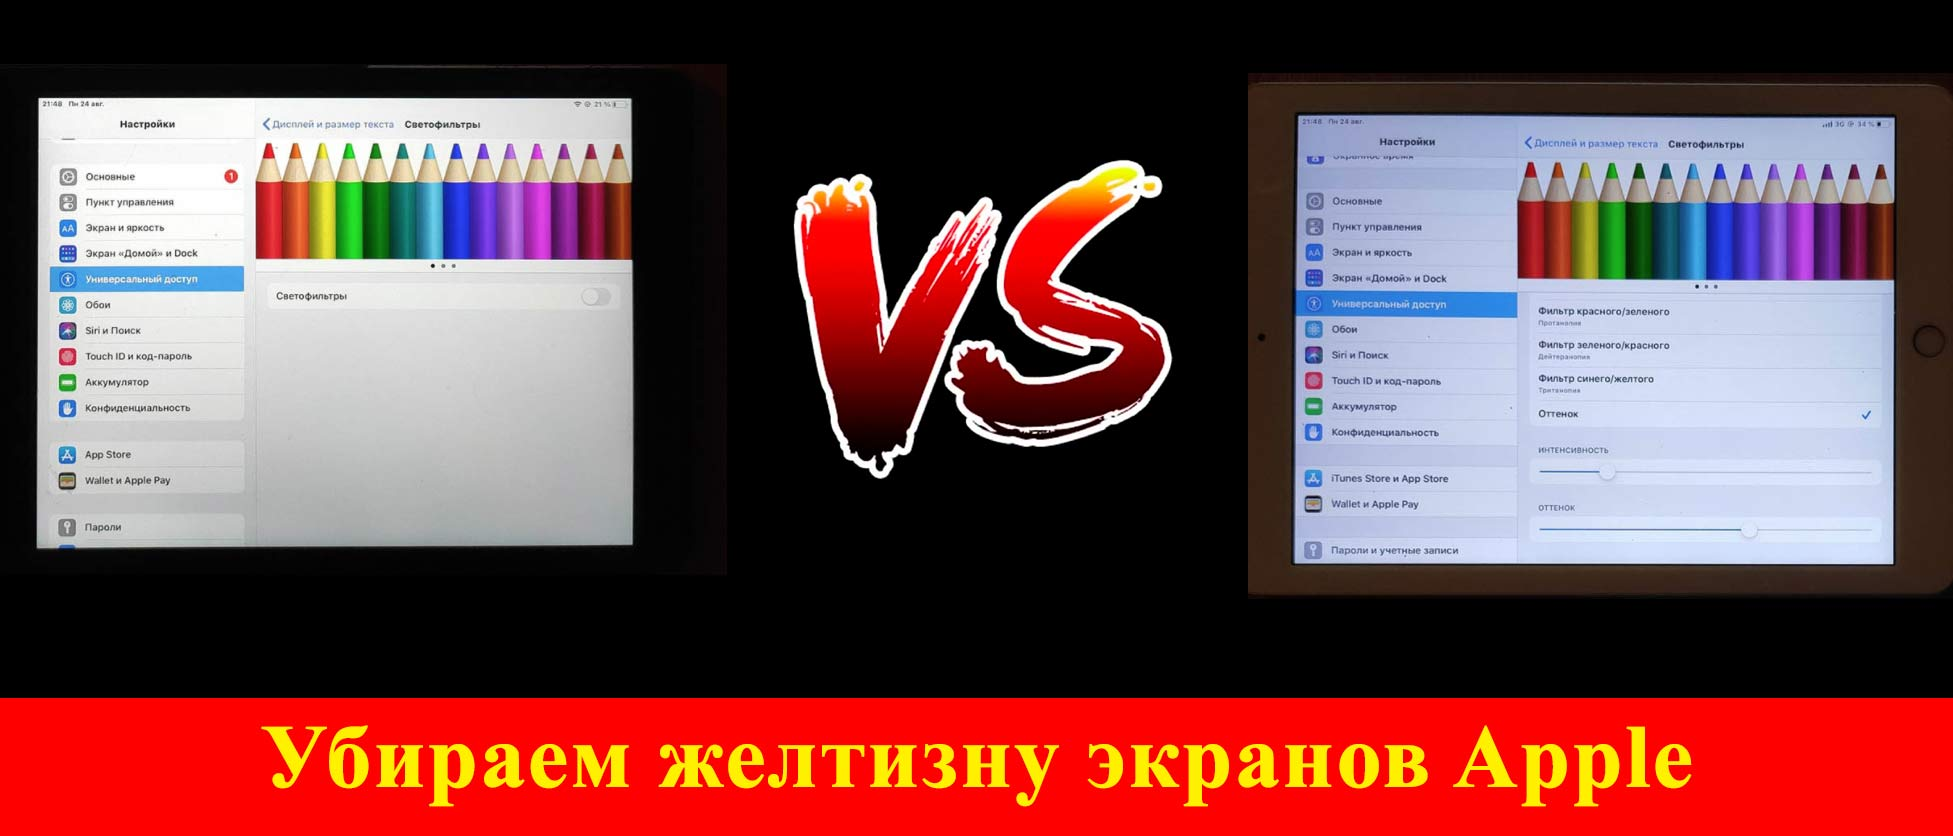 Убираем желтизну экранов на iphone и ipad